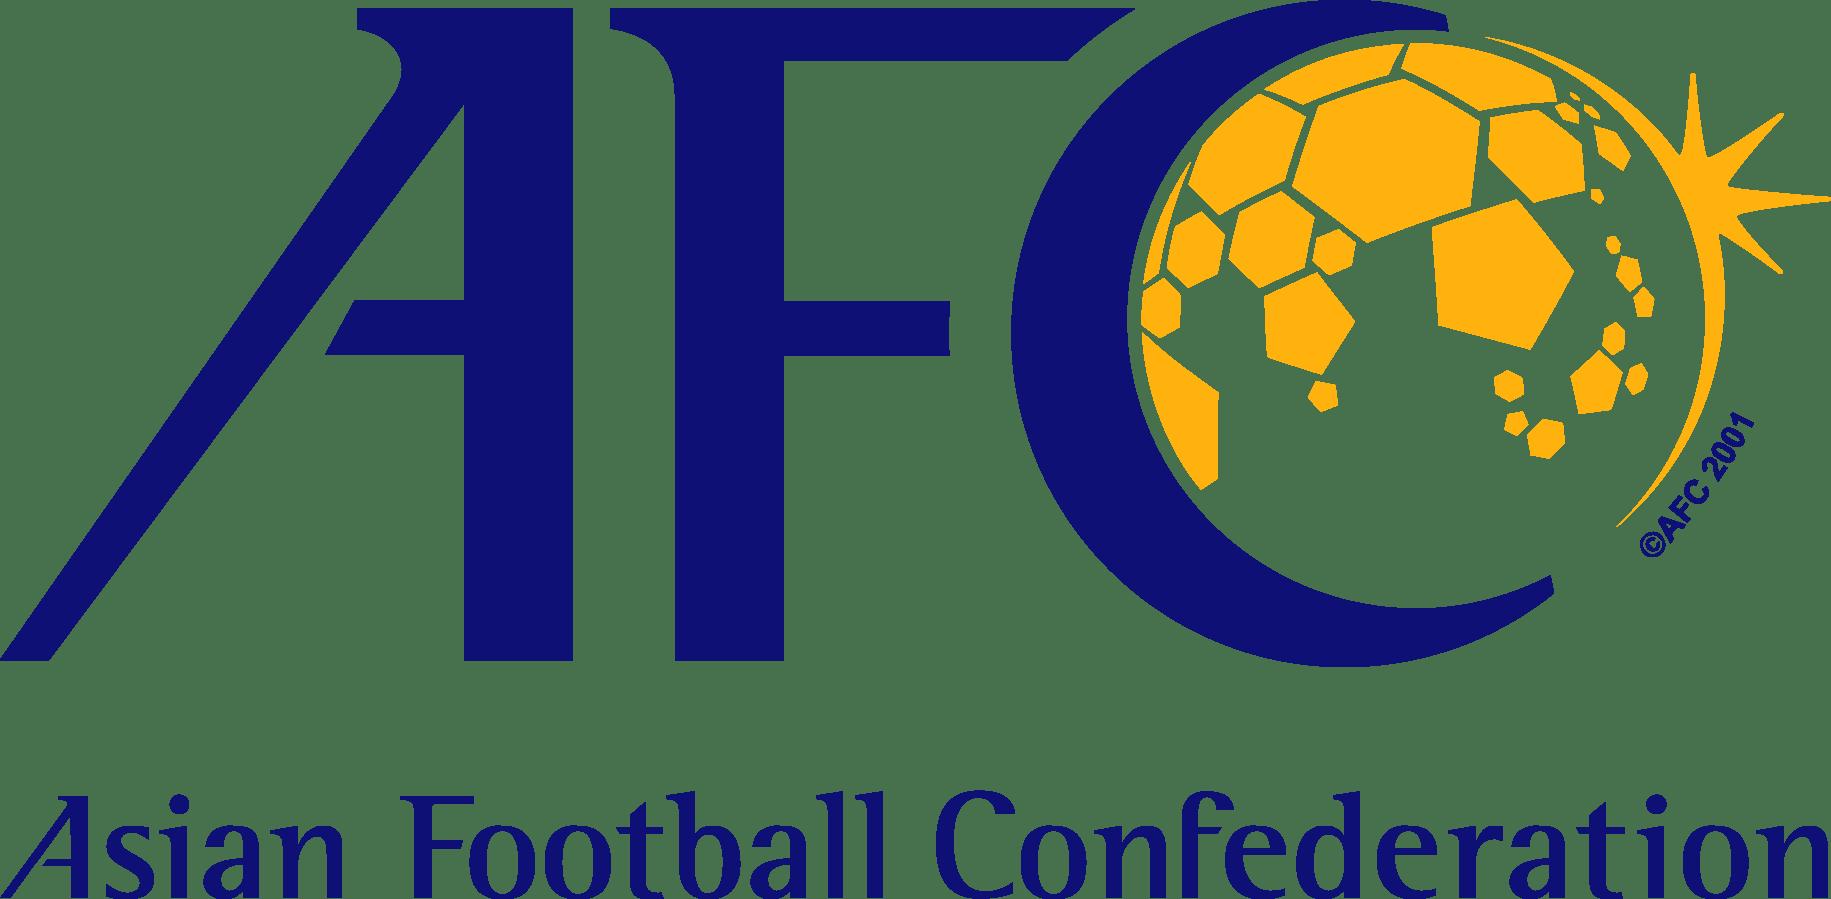 AFC Asian Football Confederation Logo [the afc.com] png